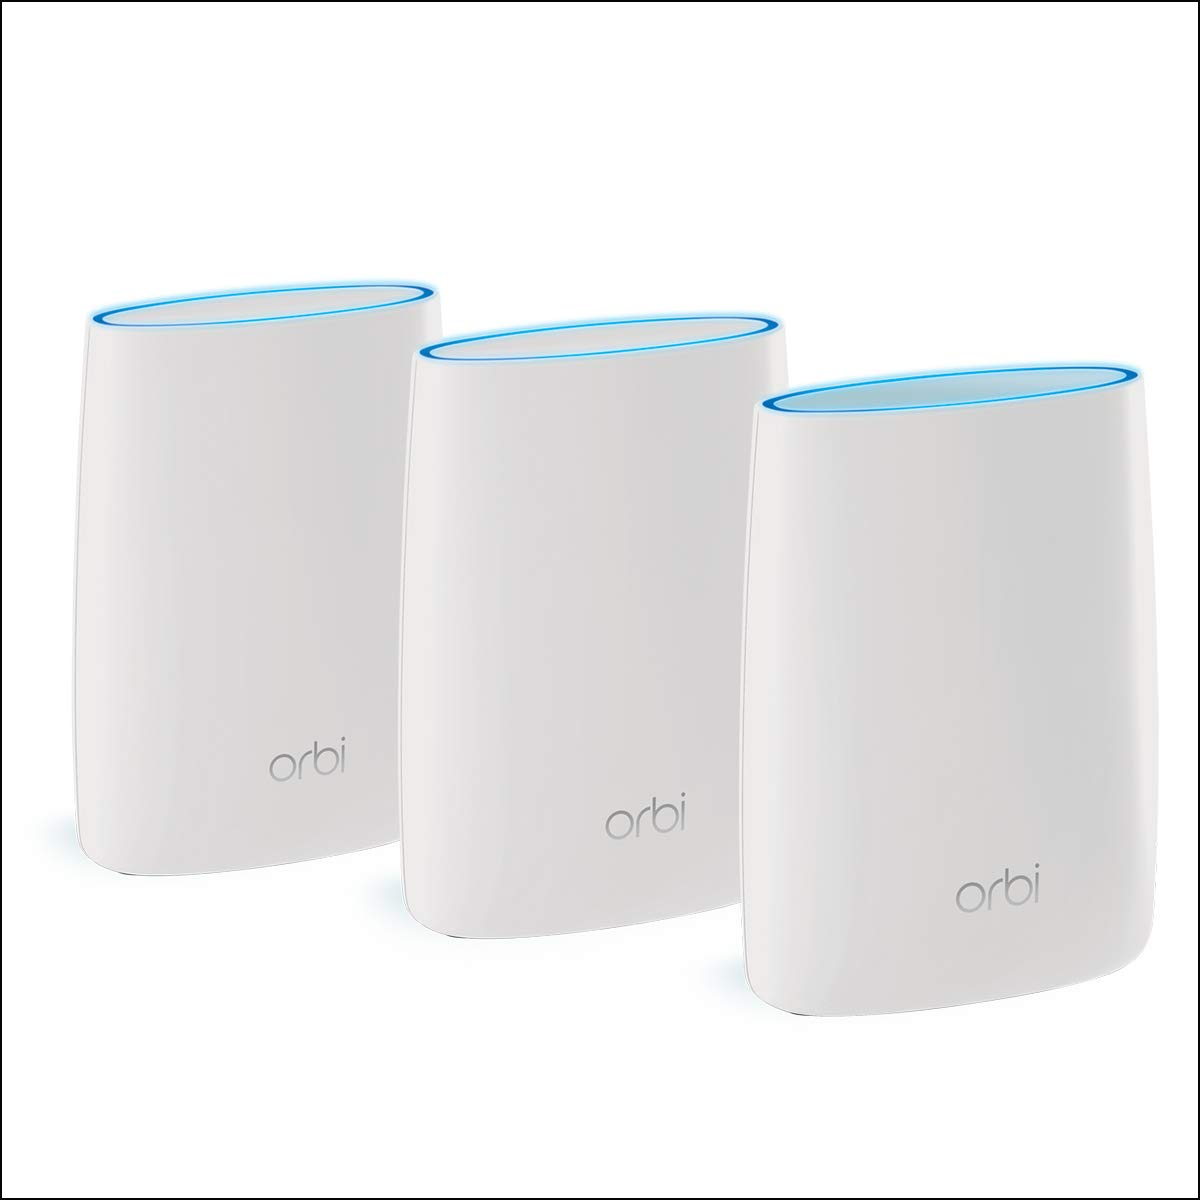 RBK13 pack comprenant 1 base//routeur et 2 Satellites NETGEAR Syst/ème WiFi Mesh Orbi remplace votre box et couvre jusqu/à 300m2